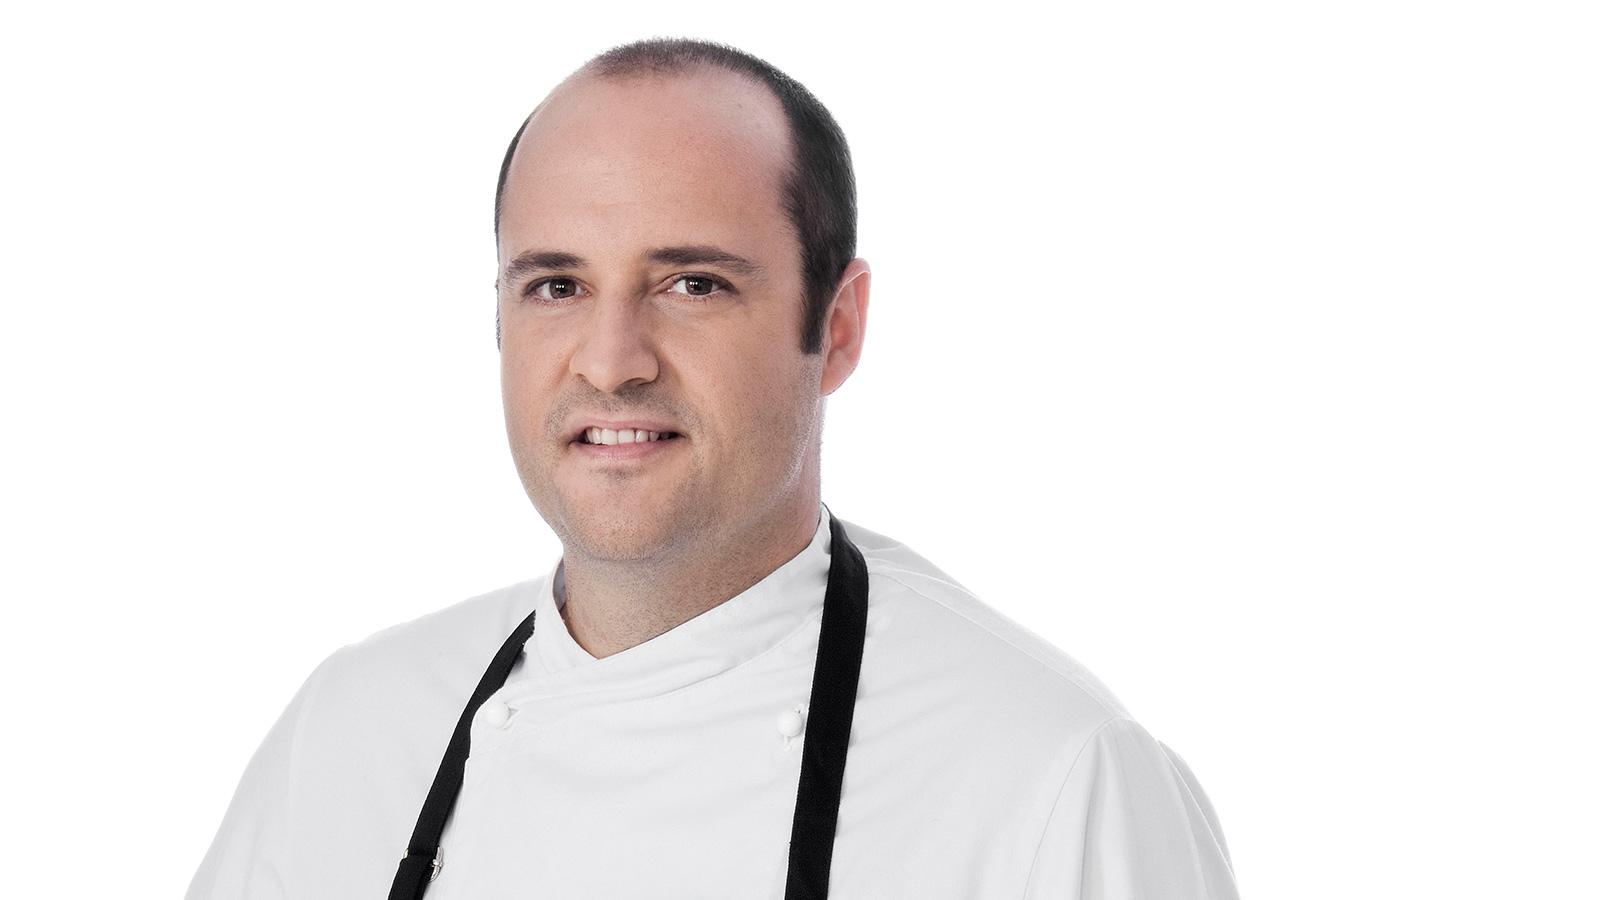 Ngel palacios cocineros canal cocina for Cocineros de canal cocina